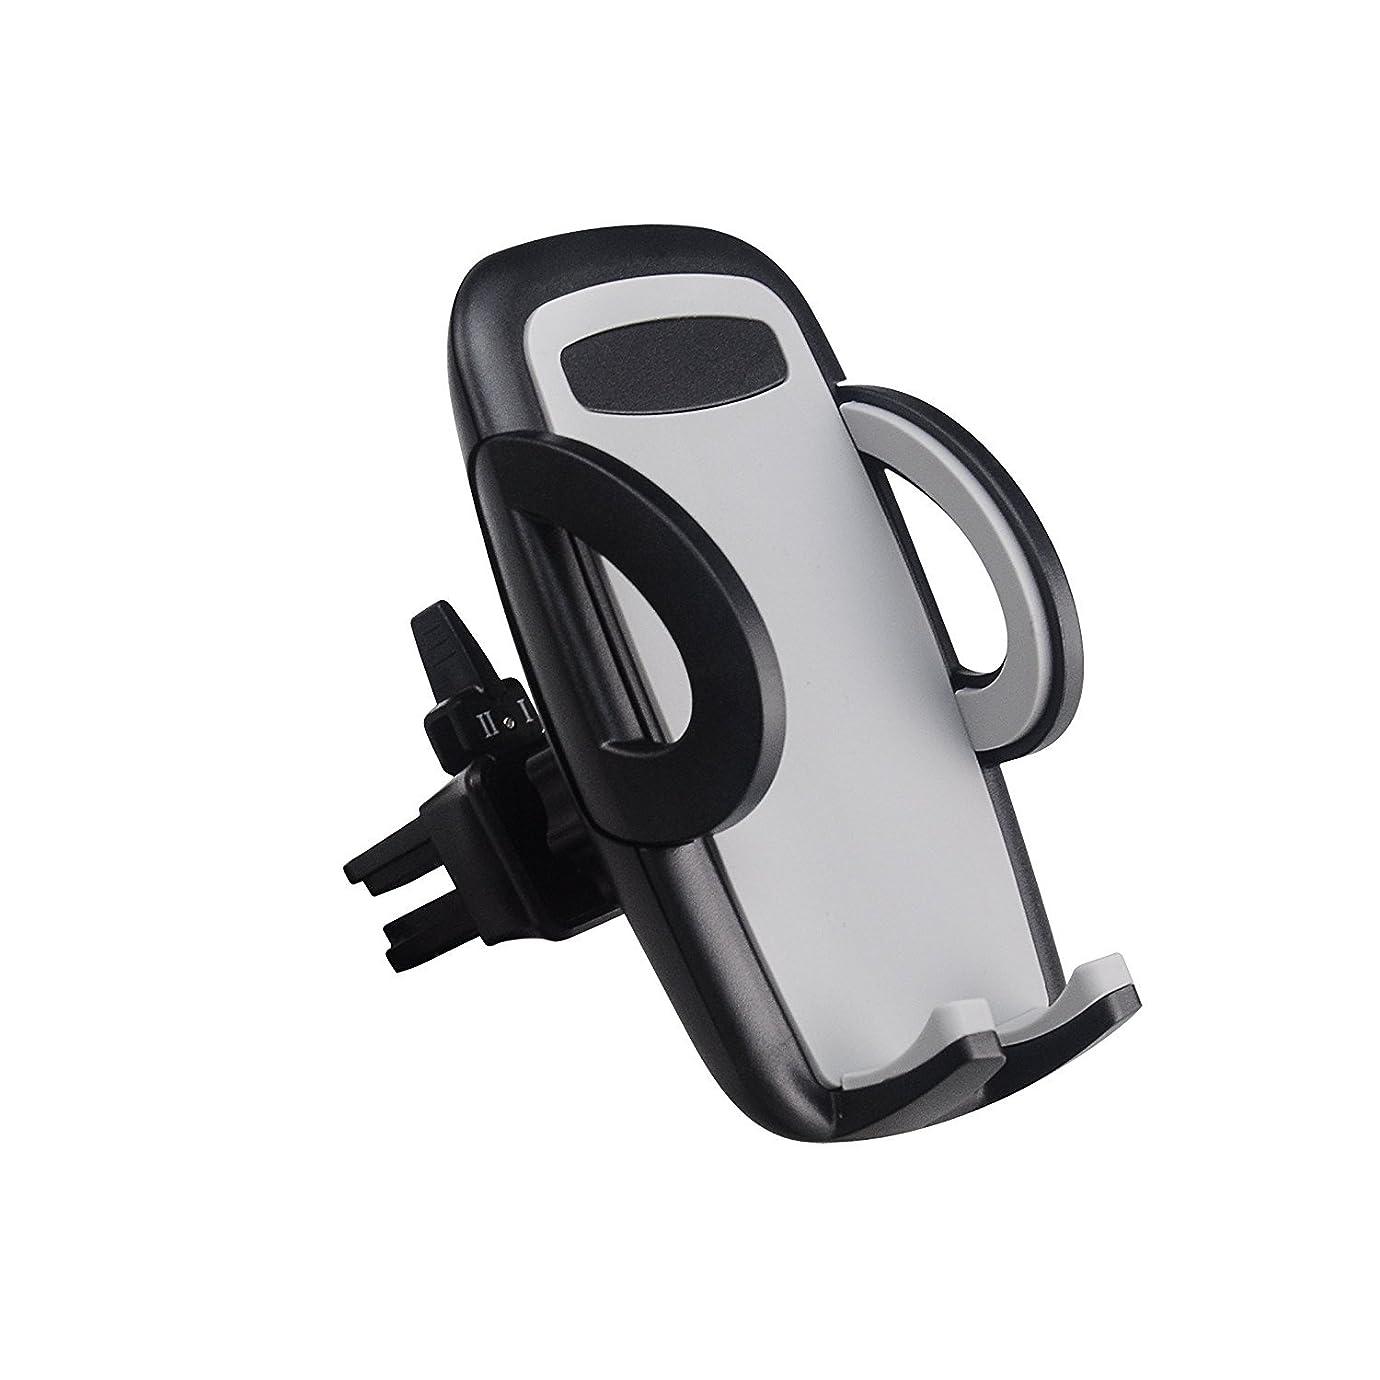 電気天気道路iOttie GoPro用車載ホルダー 強力ゲル吸盤 Easy One Touch 3 HLCRIO122GP